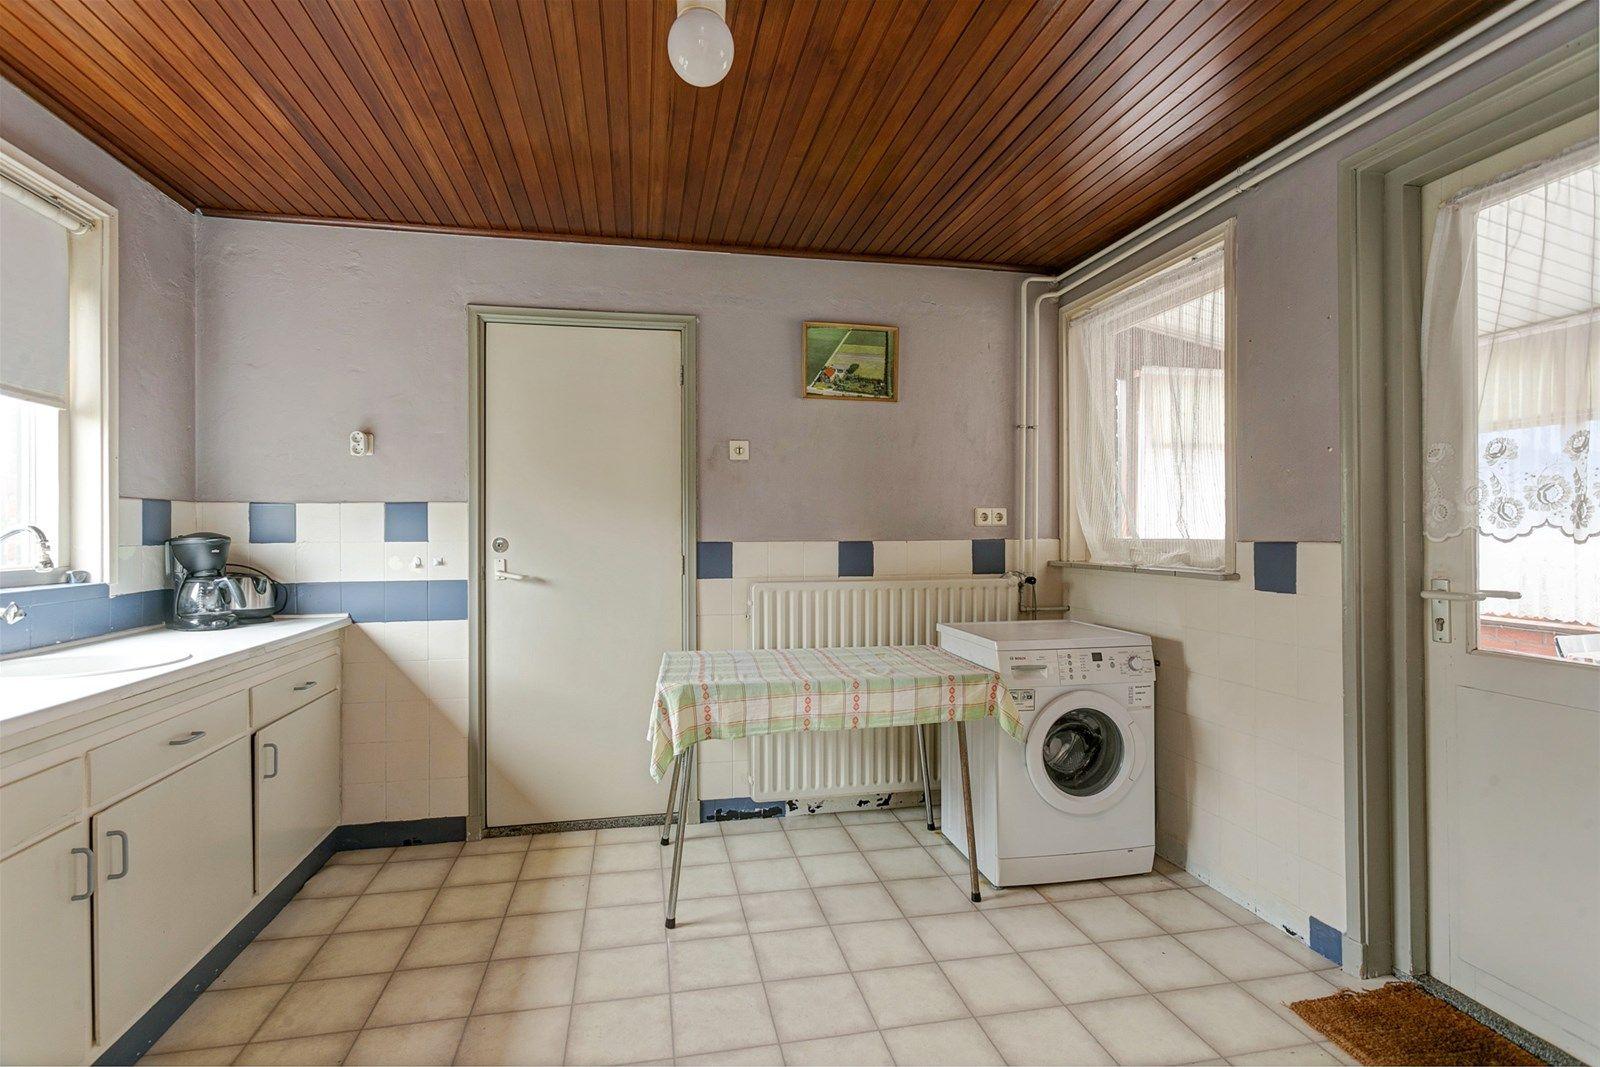 Deze woning is prachtig gelegen in het buitengebied van Zundert en heeft een ruime garage en een grote loods. Daarnaast beschikt deze woning over meer dan 1 hectare grond wat de ultieme rust en privacy biedt.   De woning is onder andere voorzien van een ruime woonkamer, een eetkamer met toegang tot een kelder, keuken, bijkeuken, badkamer en vier slaapkamers.  De tuin is verzorgd aangelegd. Het erf biedt toegang tot de ruime garage en de grote loods. Enerzijds heeft deze woning een mooie ligging in het buitengebied en anderzijds is de dorpskern van Zundert dichtbij, met  de nodige voorzieningen zoals winkels, een school en horecagelegenheden.  BEGANE GROND  Entree/hal met toegang tot de eetkamer en vaste trap naar de eerste verdieping. Afwerking- Tegelvloer, houten lambrisering wanden en houten schroten plafond. Meterkast- 4 groepen, 1 krachtstroomgroep.  Eetkamer met toegang tot de ruime kelder, de keuken en de woonkamer Afwerking- Zeilvloer, deels tegels en deels stucwerk wanden en houten schroten plafond.  Zeer ruime woonkamer met kachel.  Afwerking- Zeilvloer, stucwerk wanden en houten schroten plafond.  Eenvoudige keuken uitgerust met een kunststof werkblad, spoelbak en kastruimte. Vanuit de keuken is de  praktische bijkeuken en de badkamer bereikbaar. In de keuken bevindt zich ook de boiler en zijn er  aansluitingen voor de wasmachine.  Afwerking- Zeilvloer, deels tegels en deels stucwerk wanden en houten schroten plafond.  Praktische bijkeuken met wasbak.  Afwerking- Tegelvloer, bakstenen wanden en kunststof schroten plafond.  Badkamer met toilet, wastafel en douche.  Afwerking- Deels zeil en deels tegelvloer, wandtegels en daarboven stucwerk en een deels kunststof schroten en deels stucwerk plafond.  EERSTE VERDIEPING  Overloop met toegang tot vier slaapkamers en een kast.  Afwerking- Vloerbedekking, houten lambrisering wanden en een zachtboard plafond.   Slaapkamer 1- Een ruime slaapkamer aan de achterzijde van de woning met toegang tot het dakterras. Afwerk